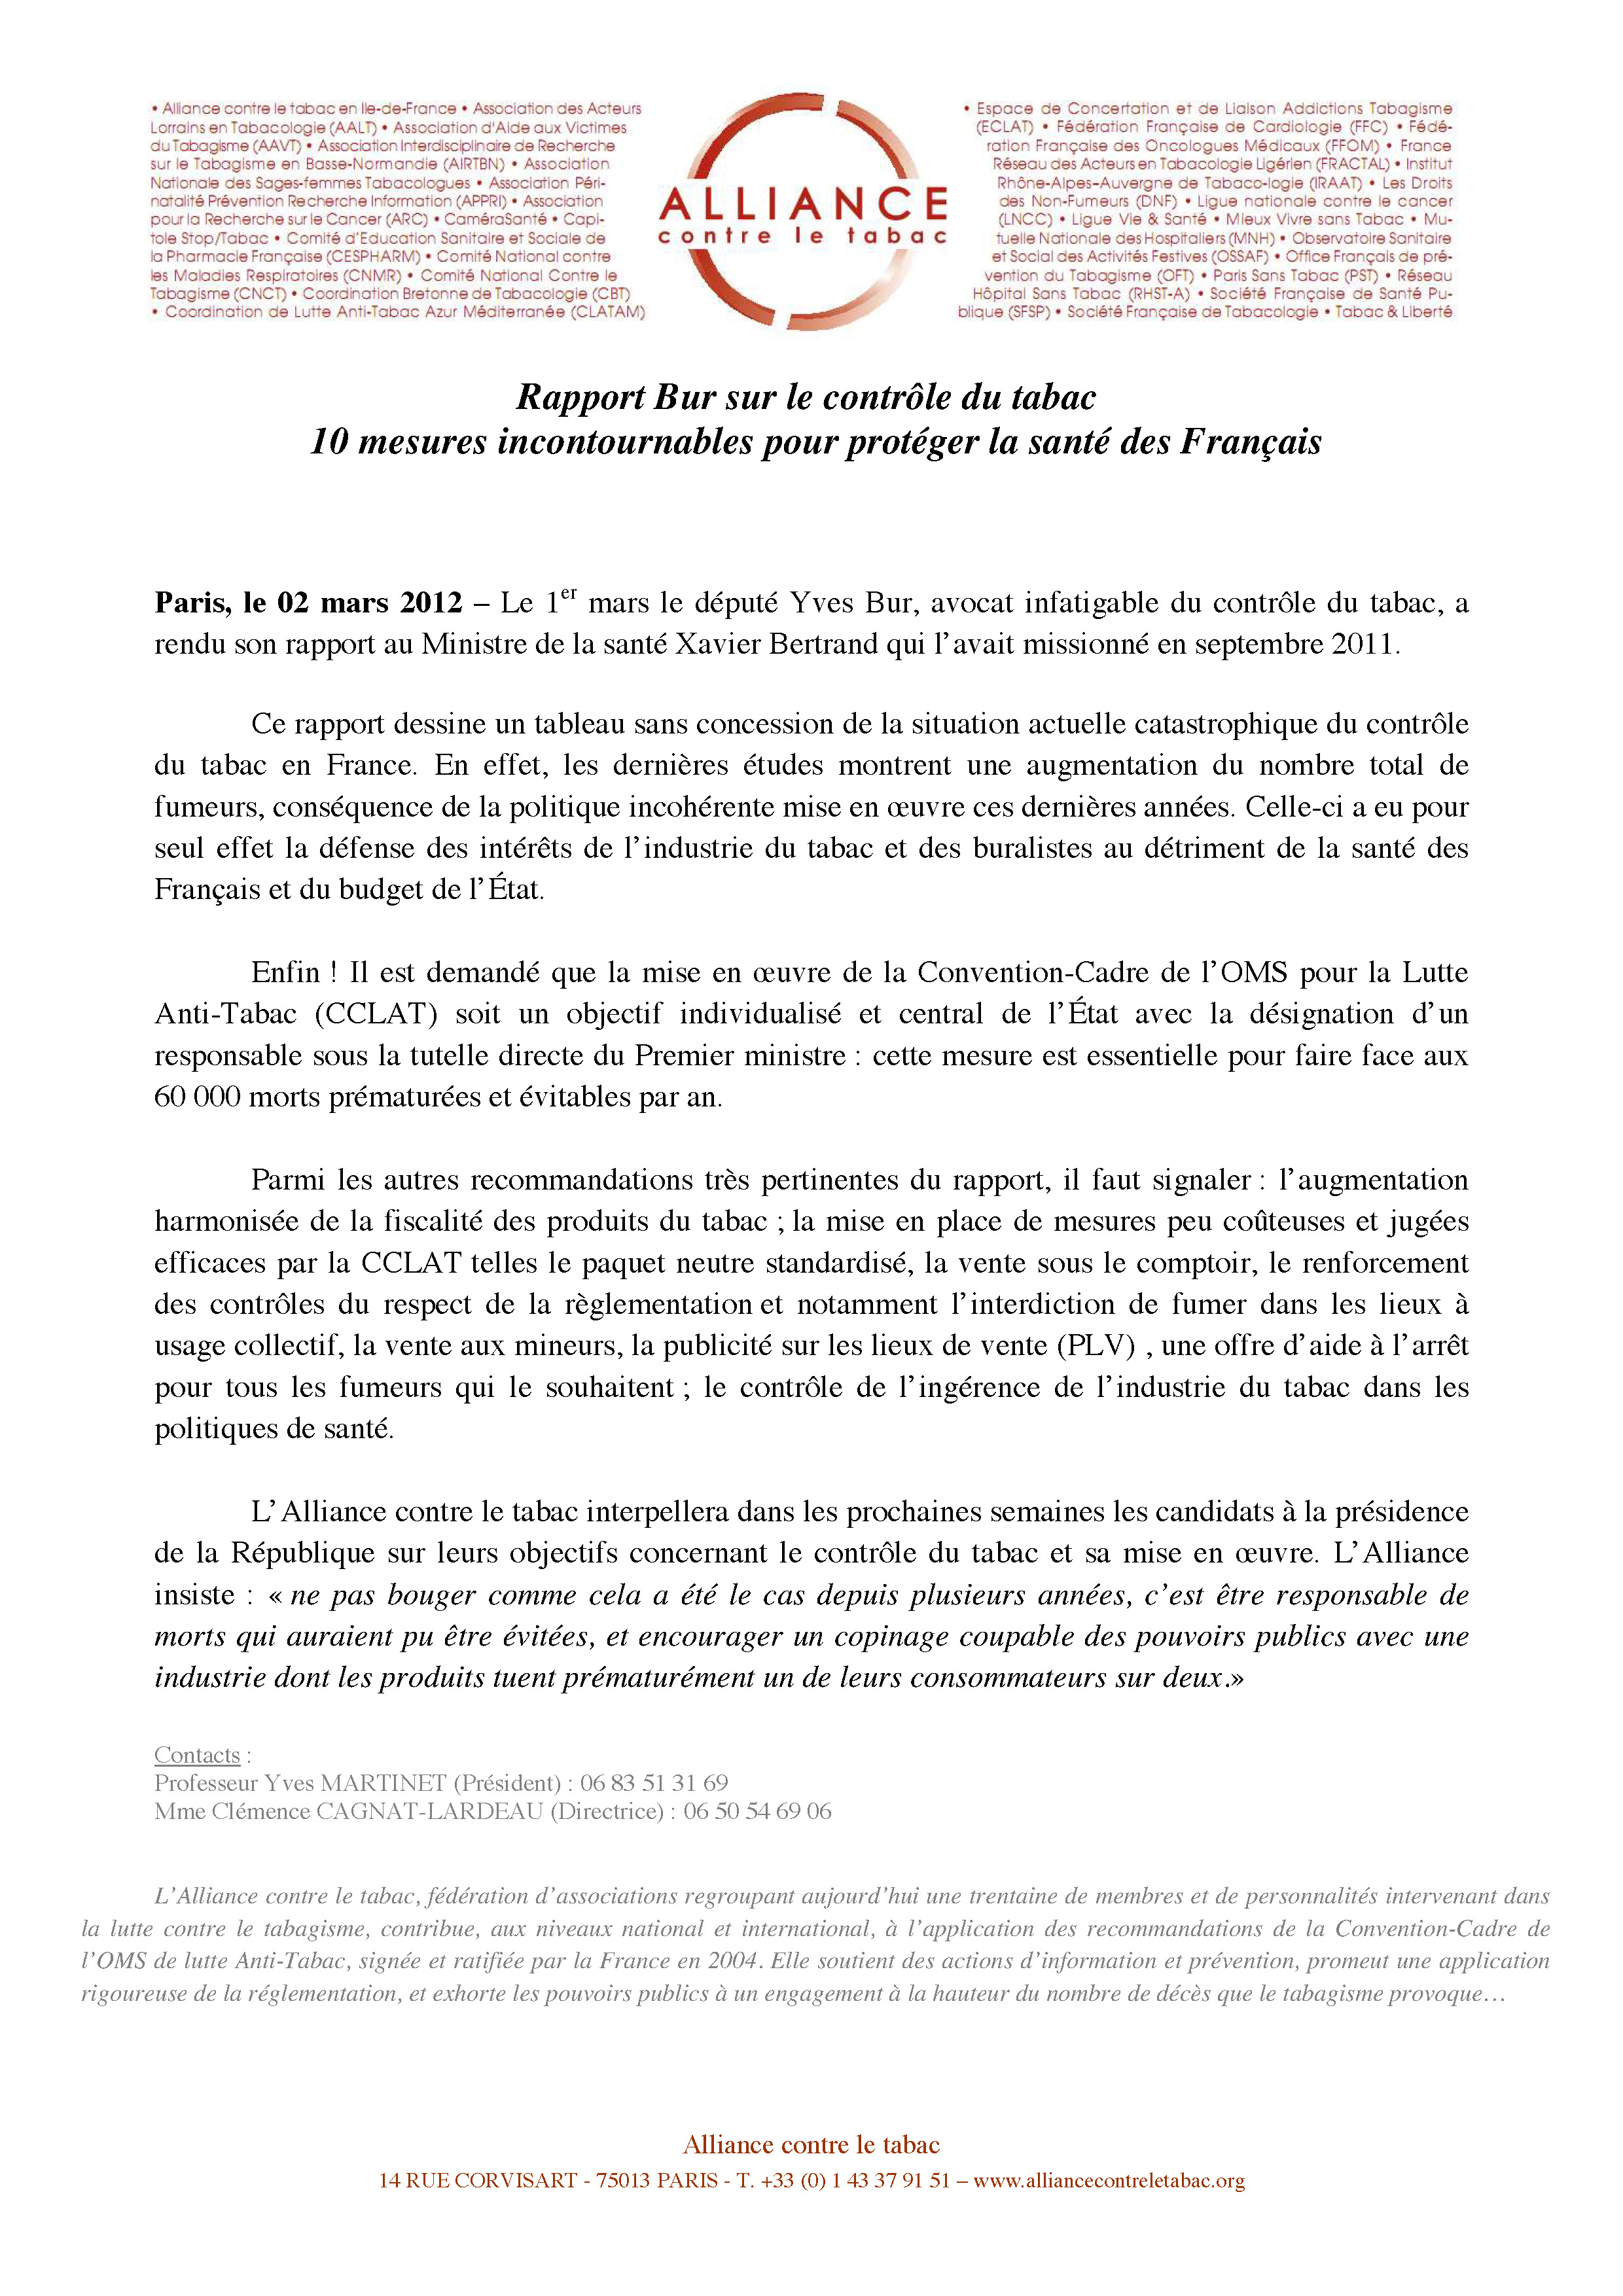 Alliance-CP_rapport-bur-sur-le-controle-du-tabac-02mars2012.jpg